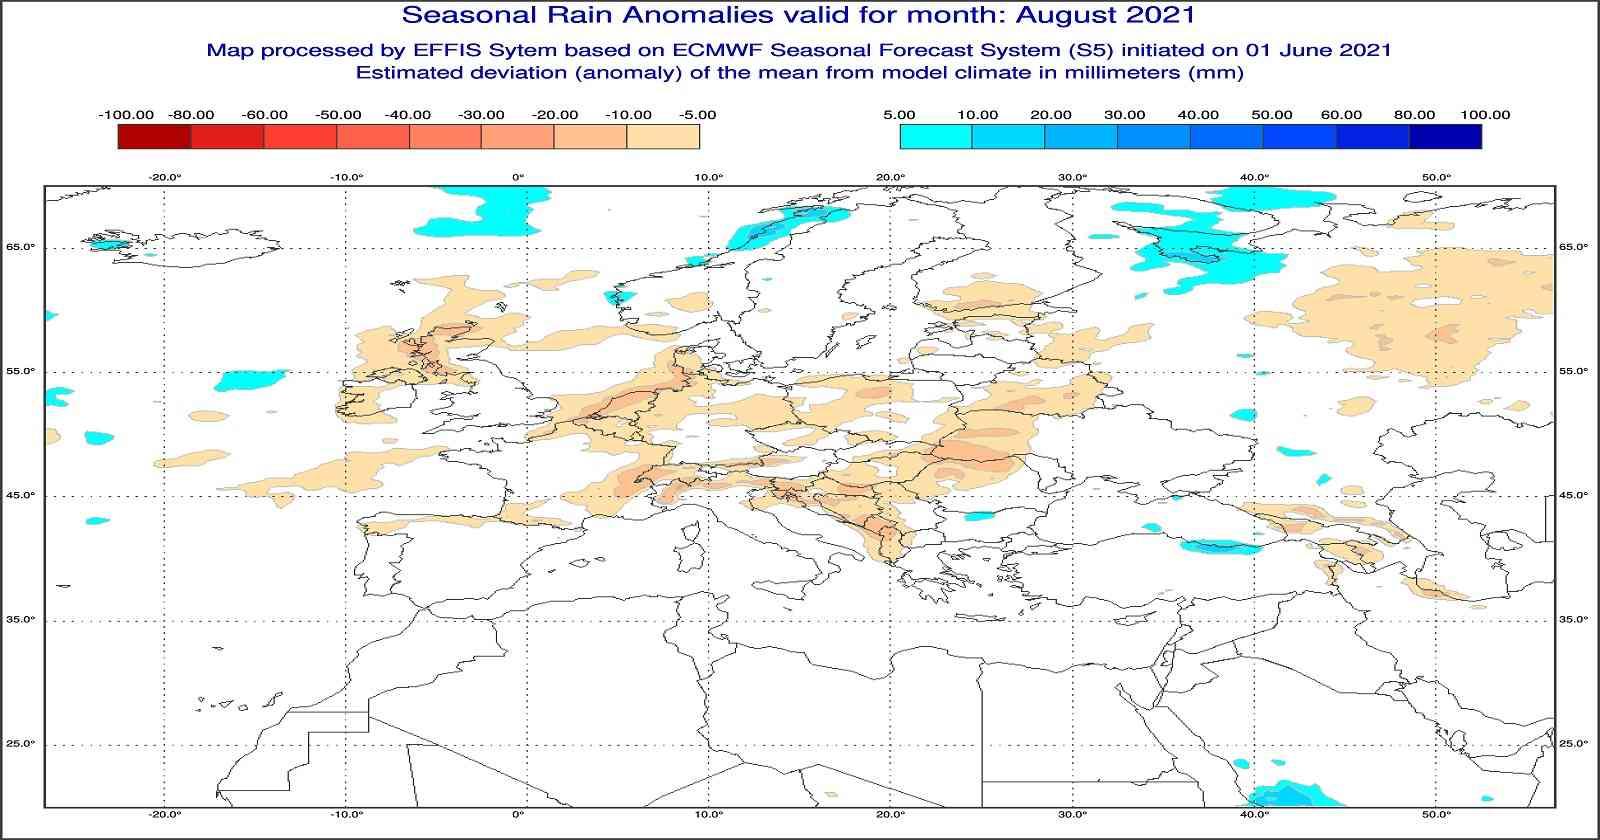 Anomalie di temperatura previste dal modello europeo per agosto 2021 - effis.jrc.ec.europa.eu.eu